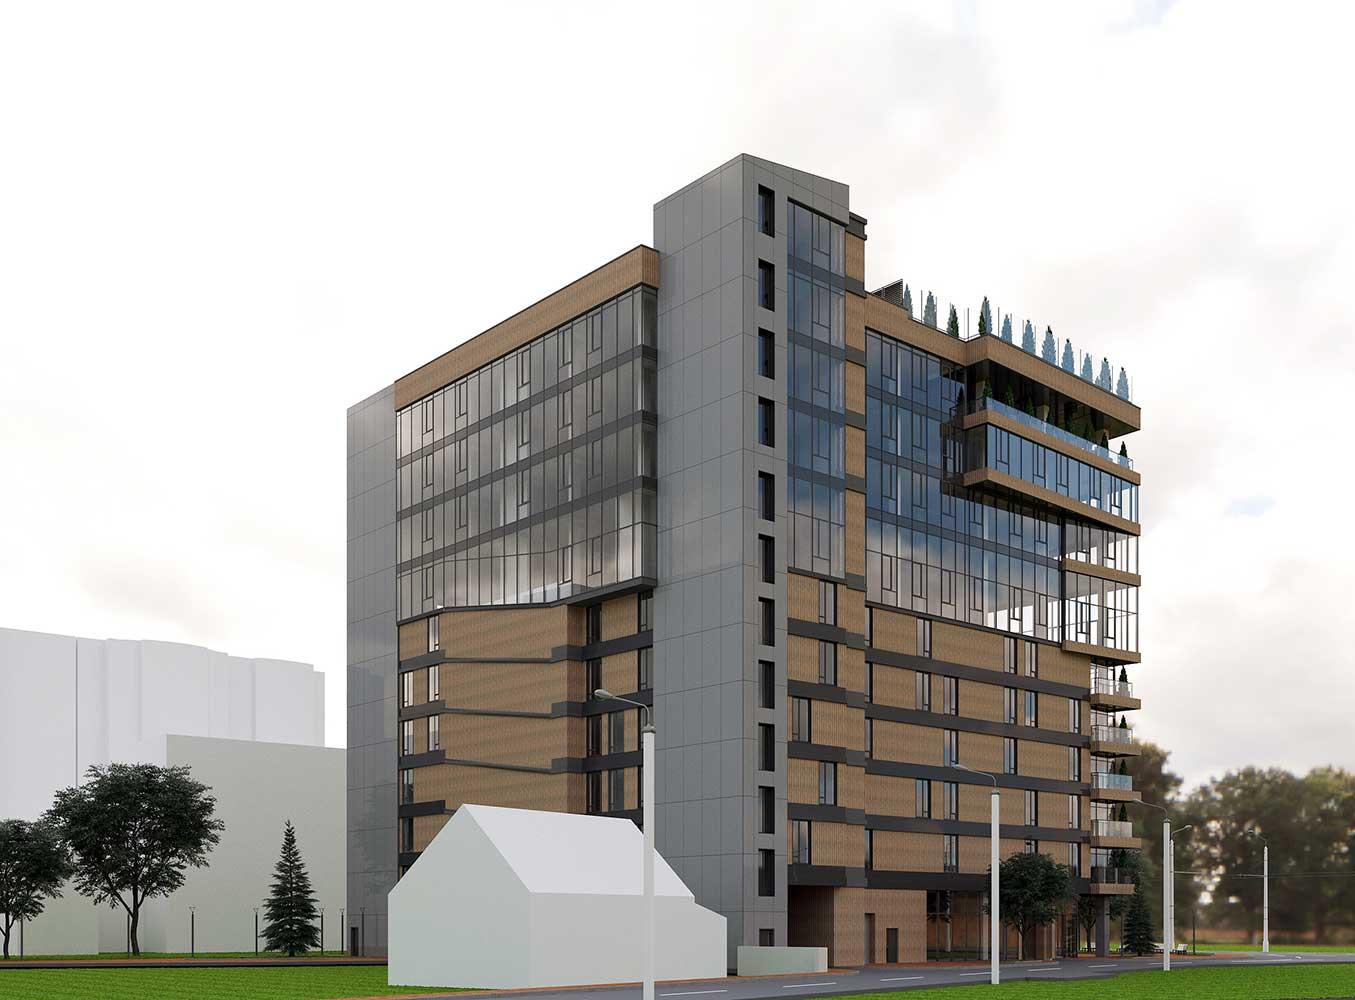 Многоэтажный торгово-бытовой комплекс с помещениями общественного назначения и паркинга (фото 9)